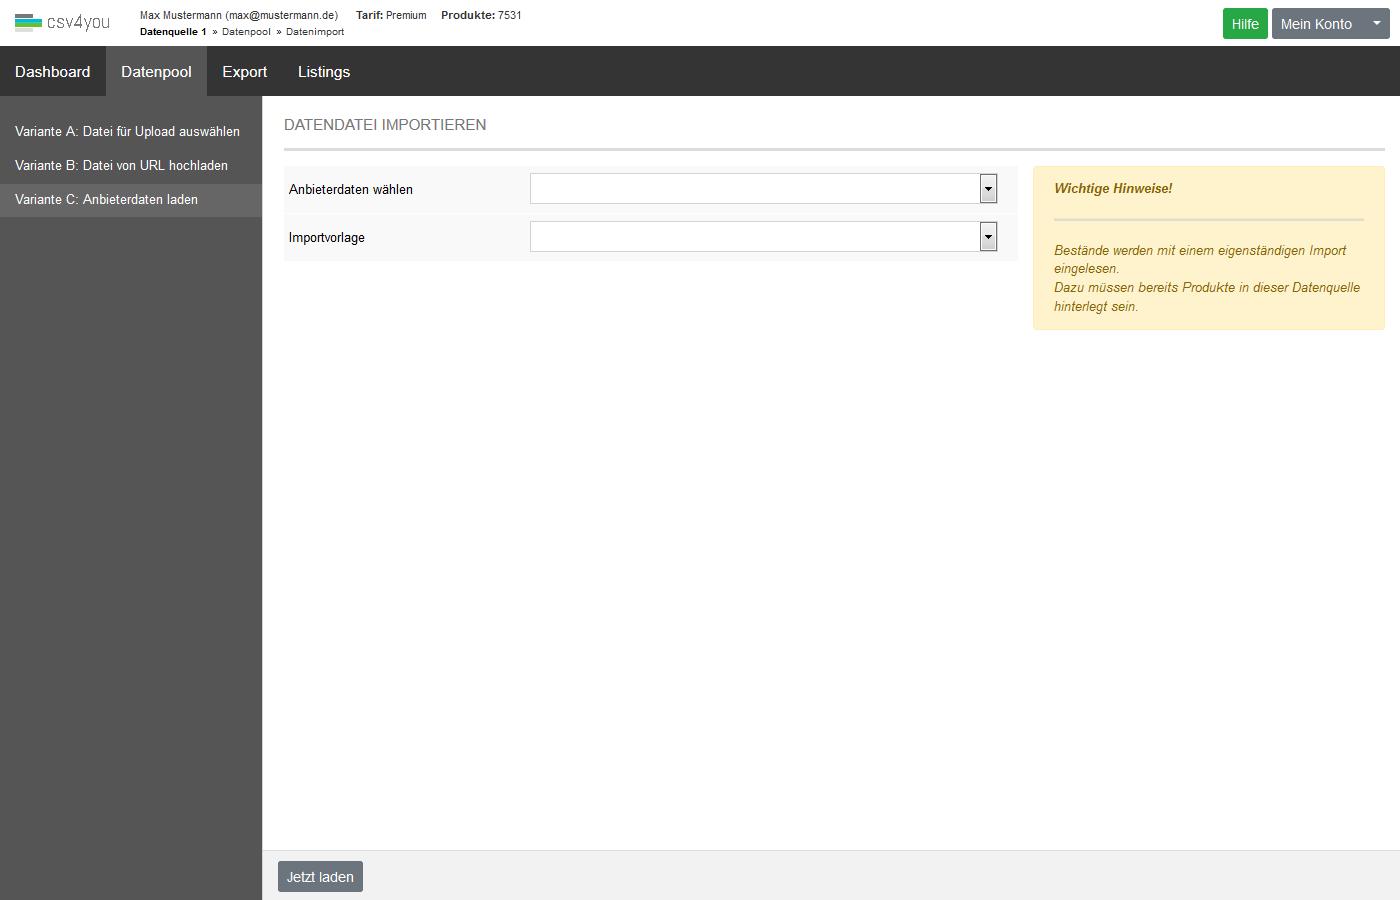 Datenpool - Datenimport Bestand - Importvarianten